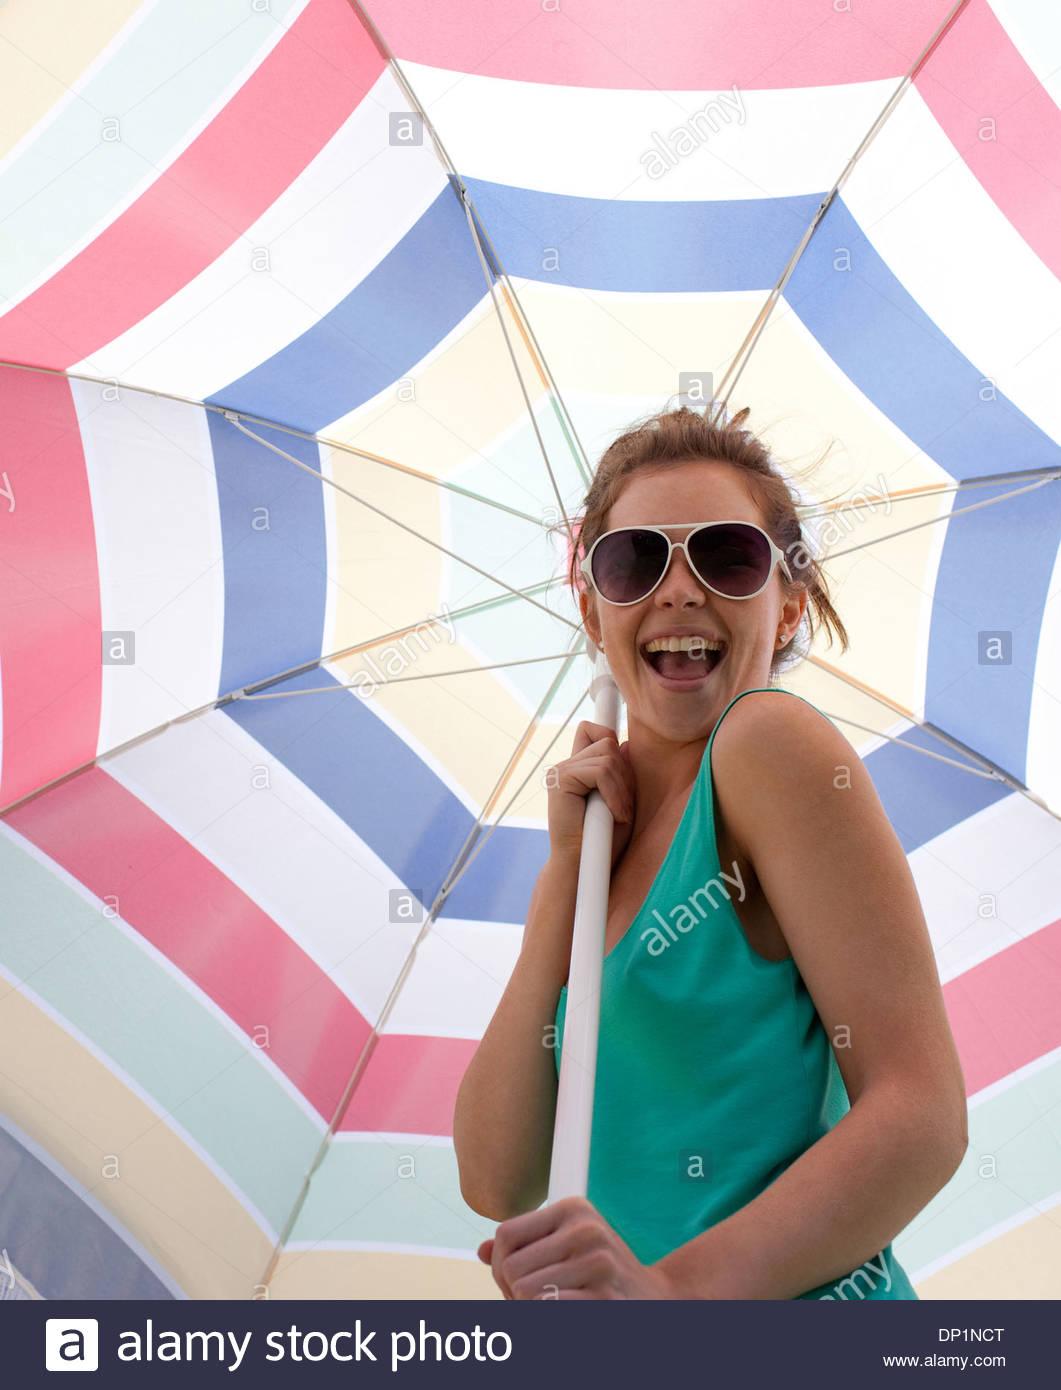 Mujer con gafas de sol la celebración de sombrilla en la playa Imagen De Stock